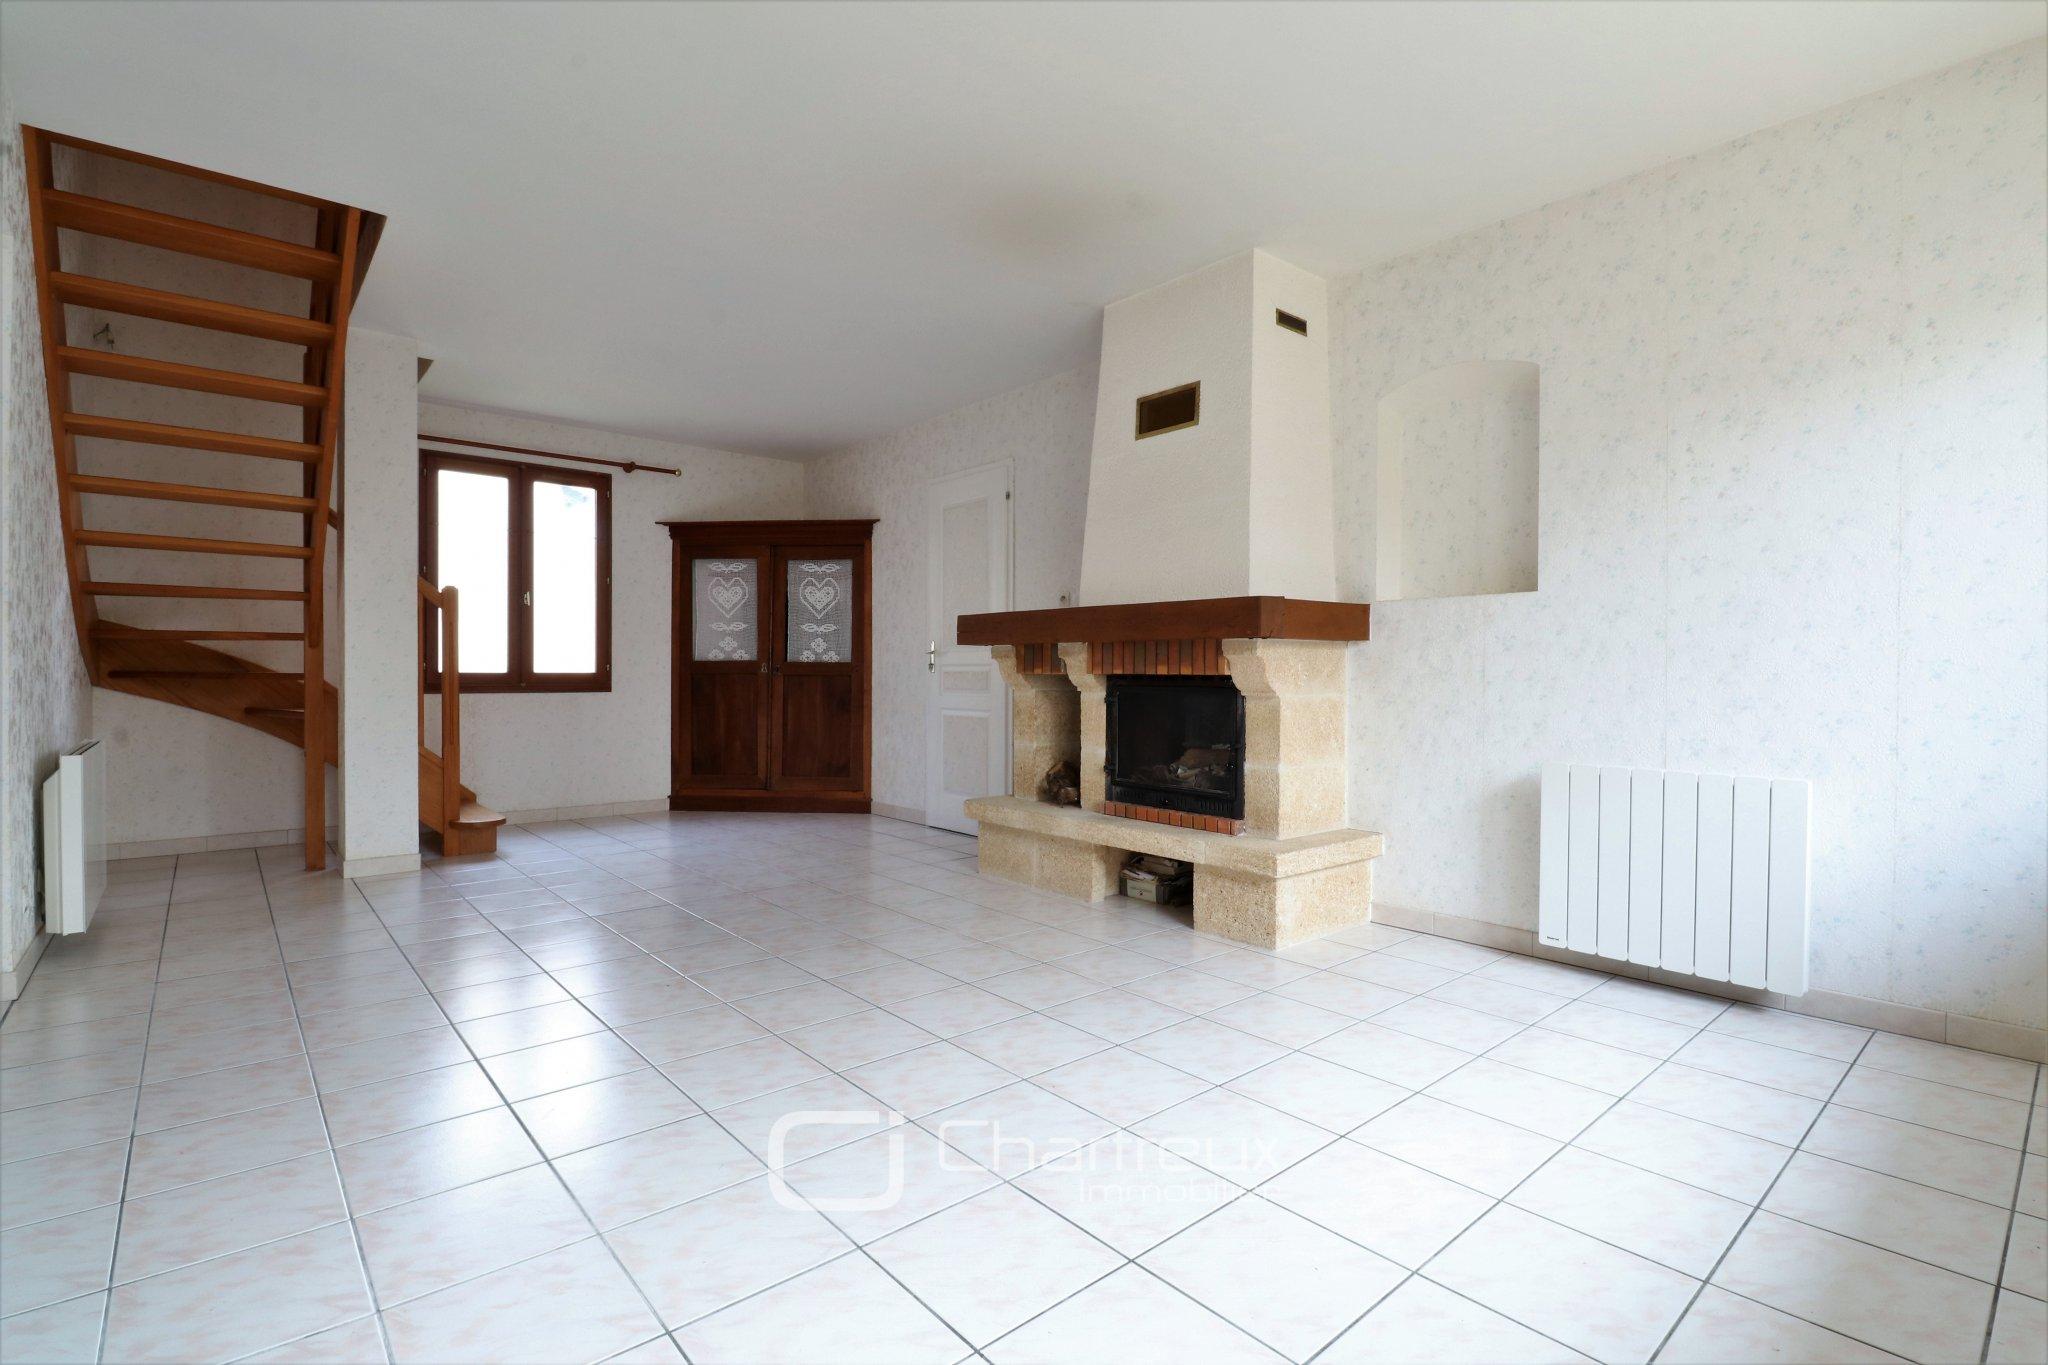 Maison/villa À Saint Palais Sur Mer De 131.87M2 dedans Piscine Des Chartreux